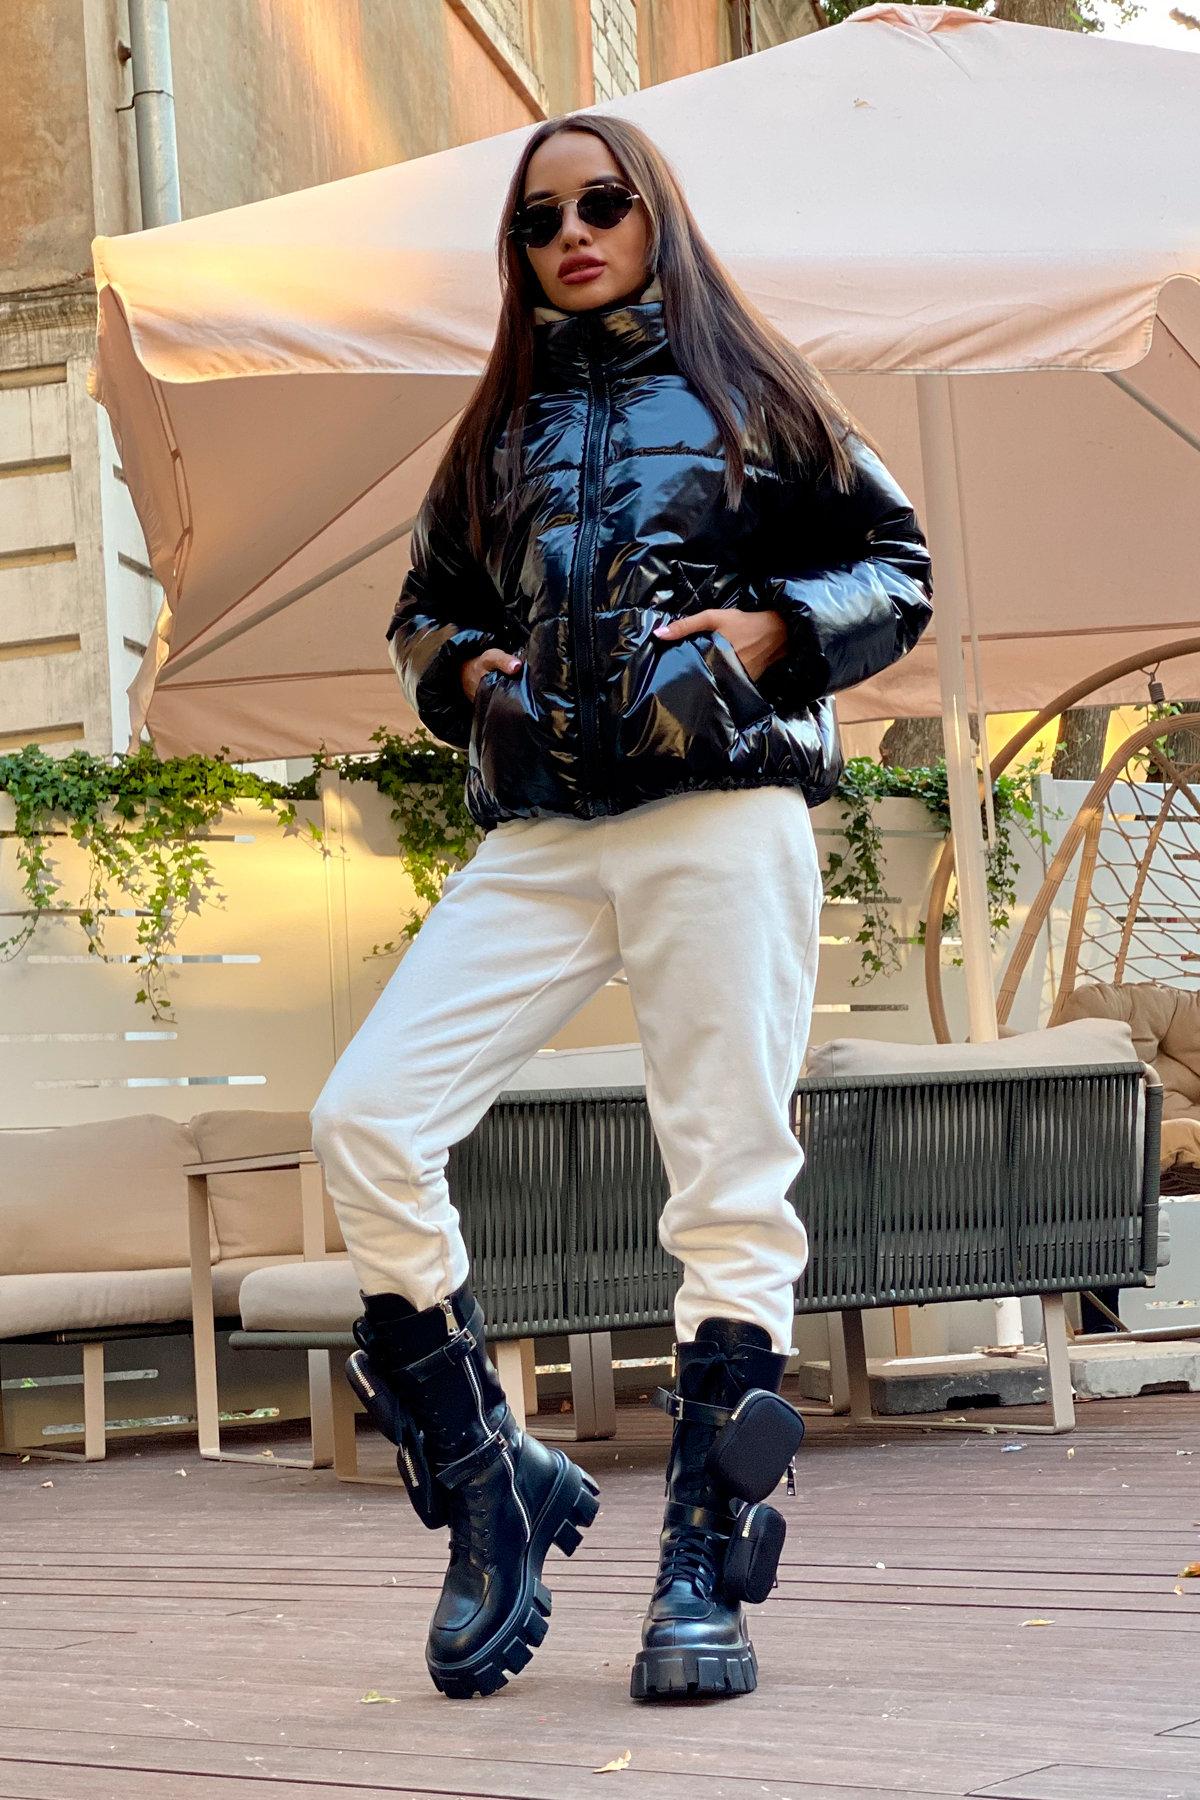 Куртка Драйв 8989 АРТ. 45299 Цвет: Черный - фото 15, интернет магазин tm-modus.ru